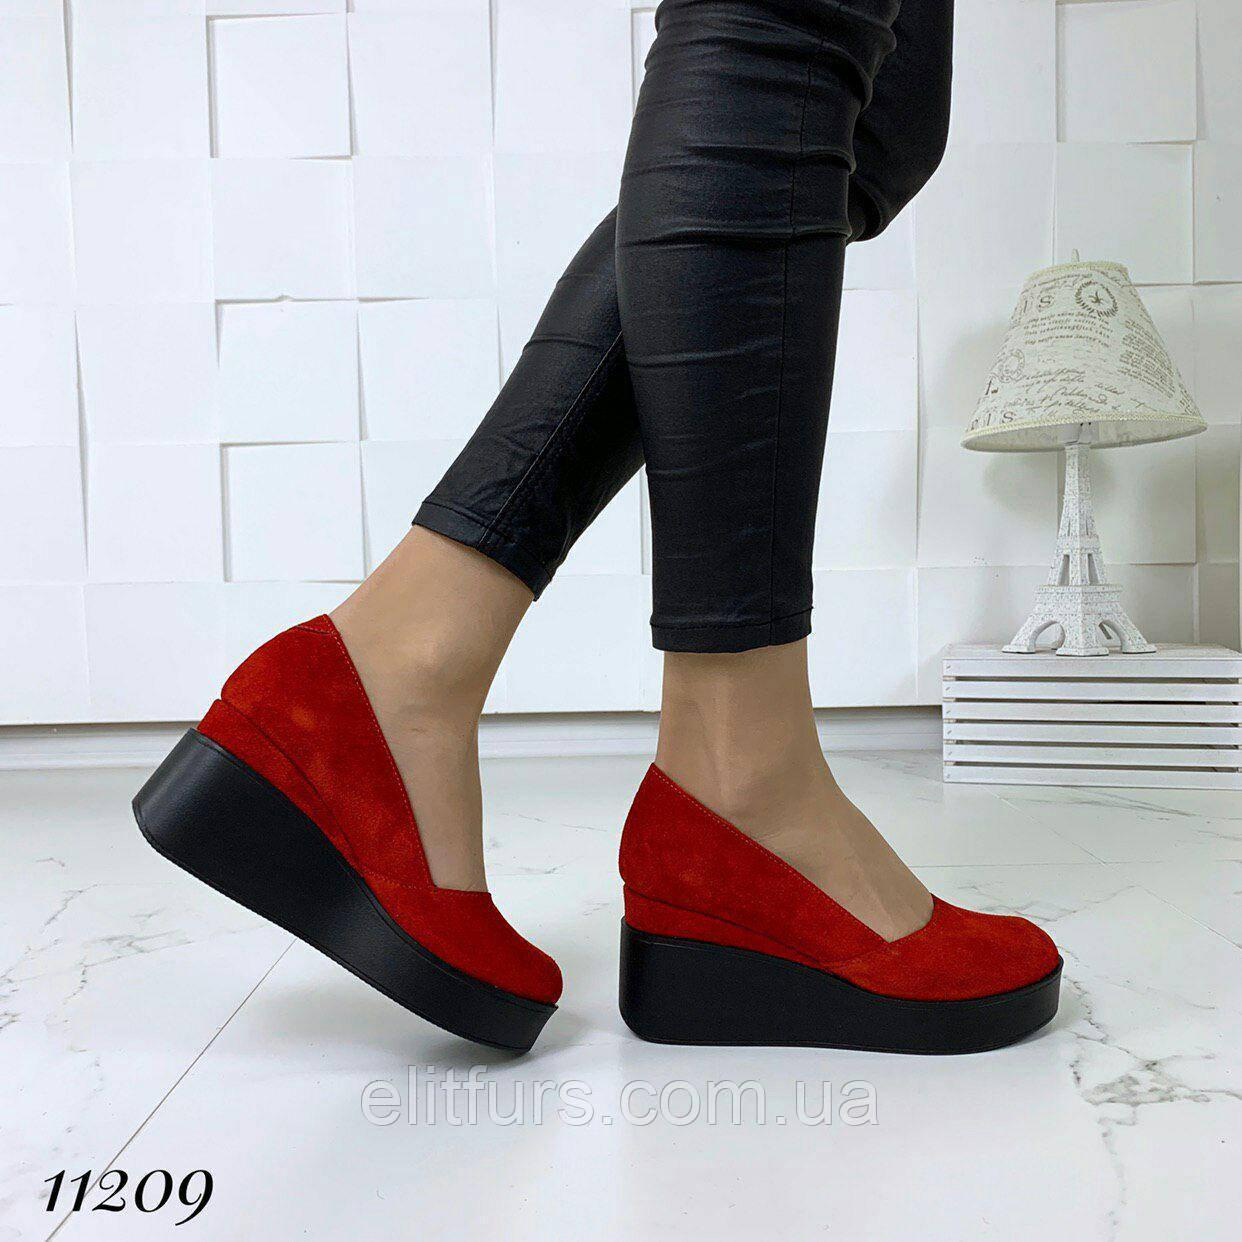 53b2273fe Купить Туфли на высокой платформе, нат. замша красный в Одесской ...